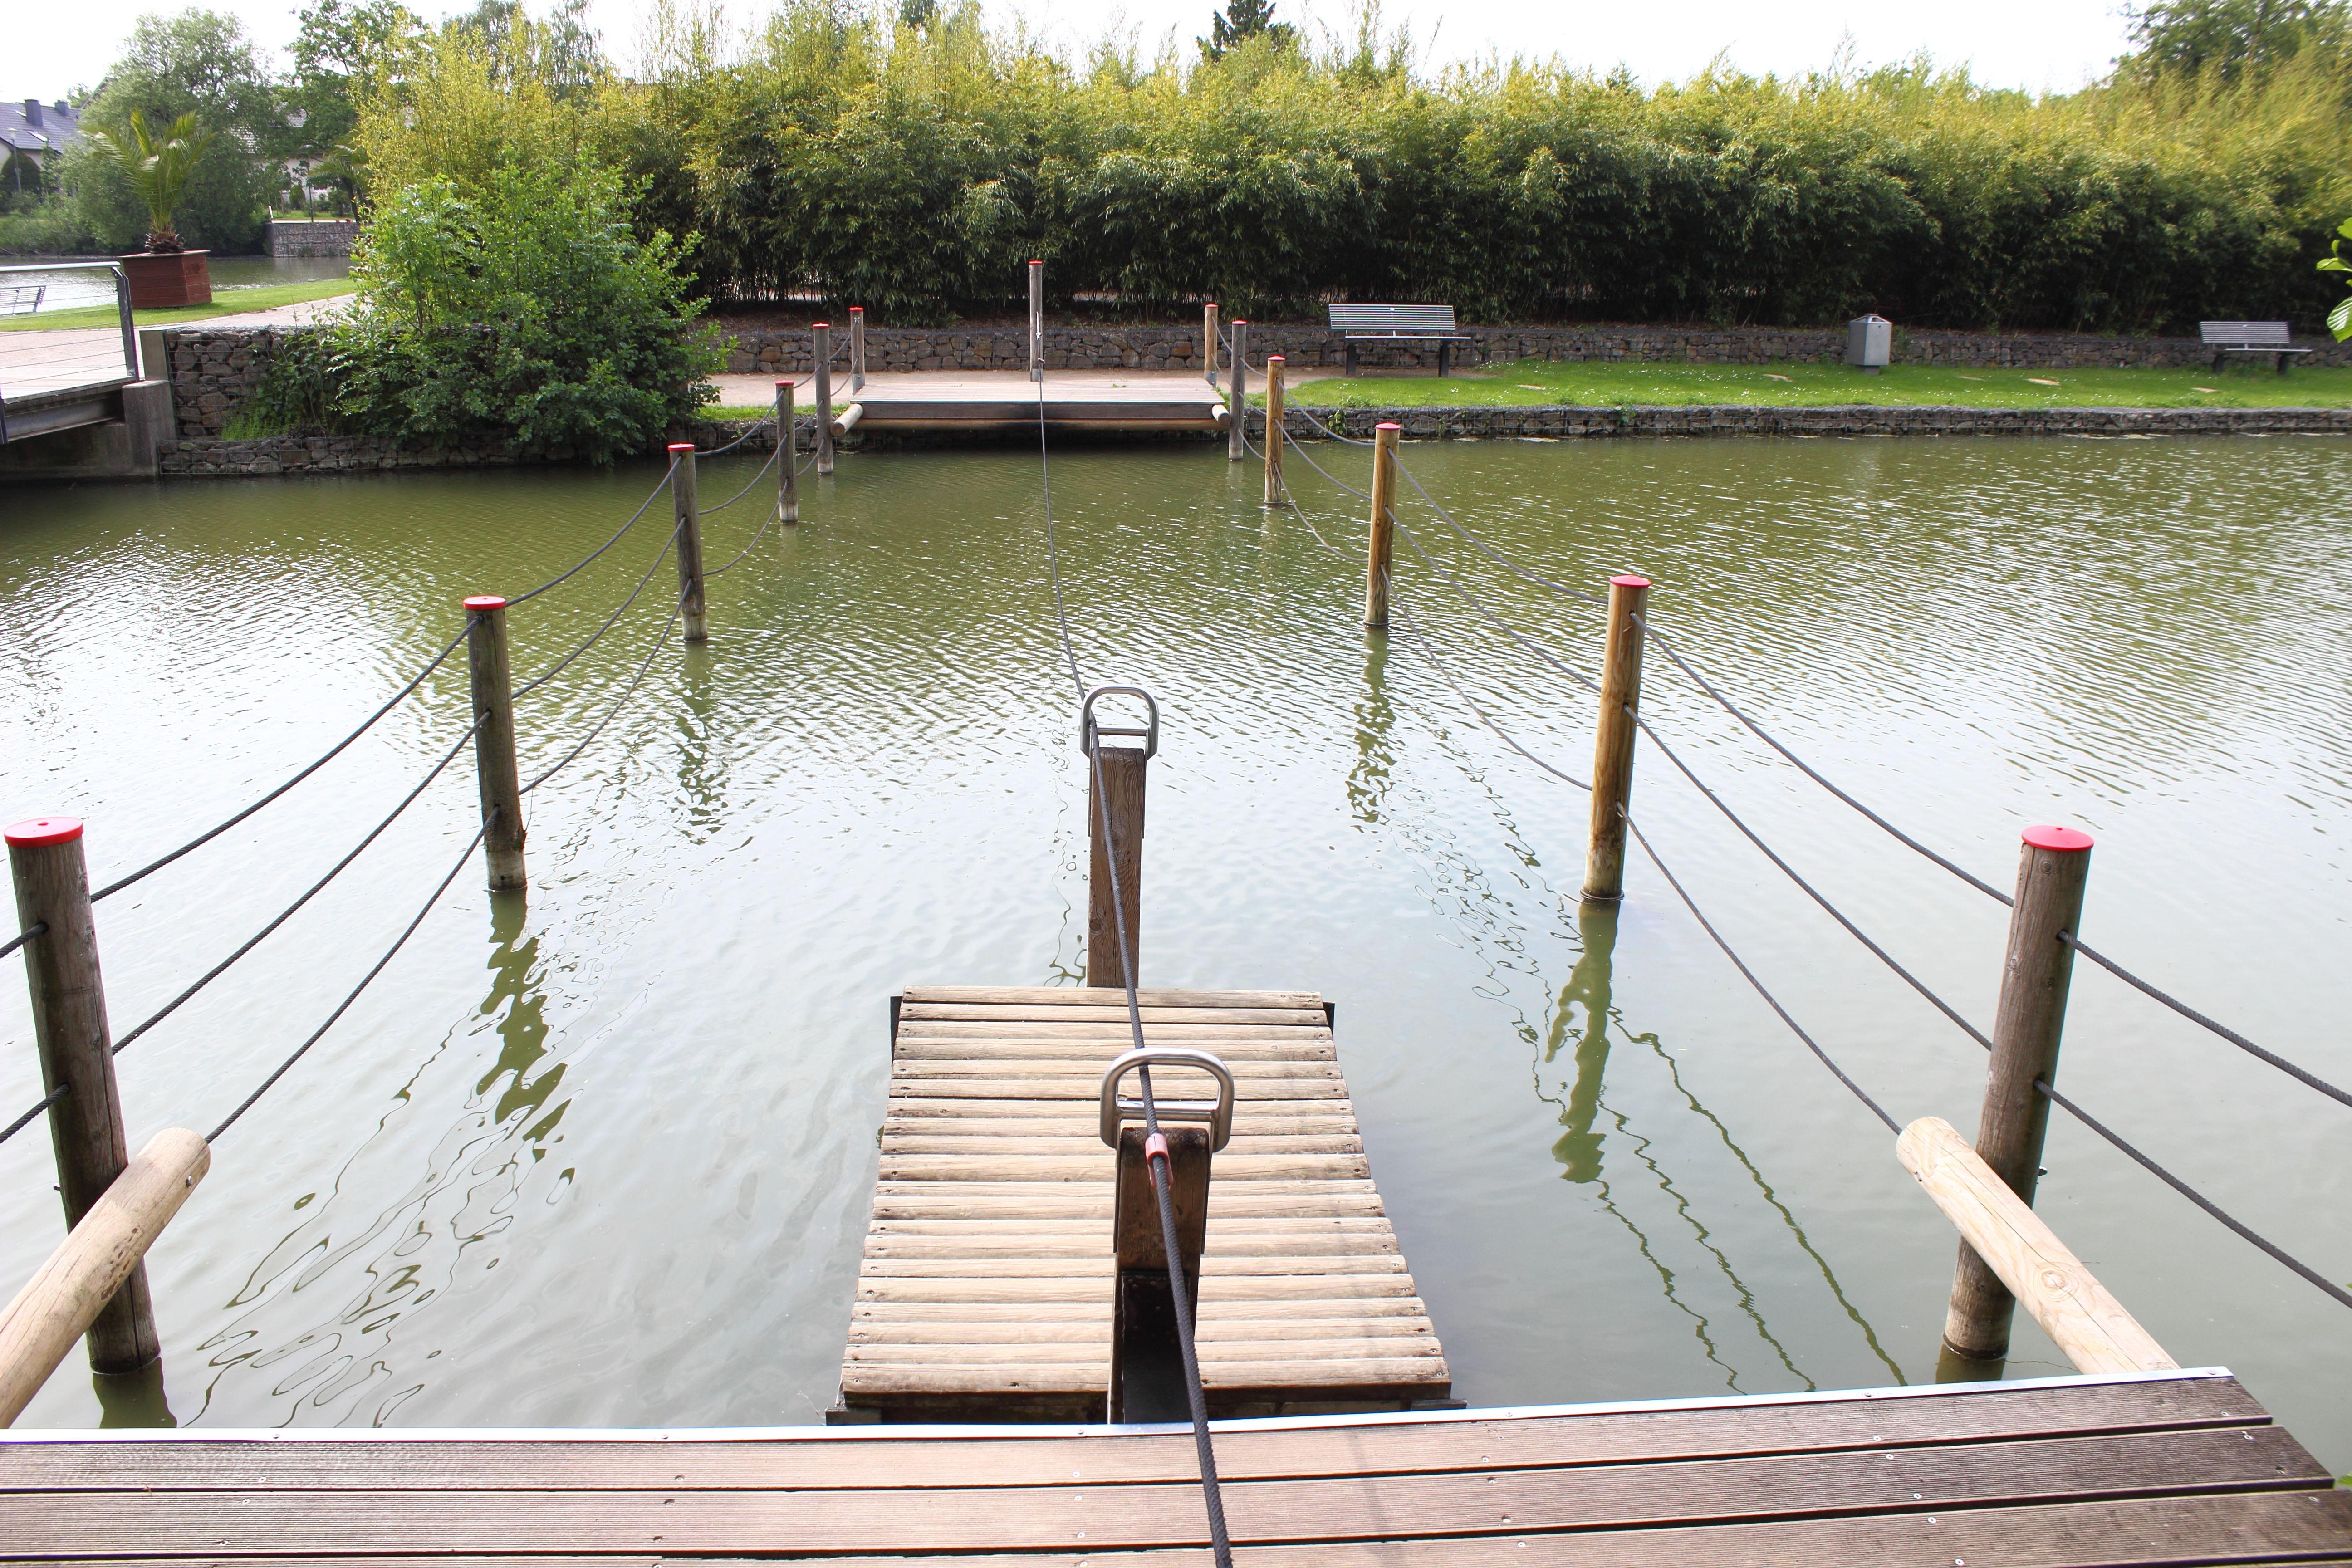 Vier Jahreszeiten Park Oelde Floß